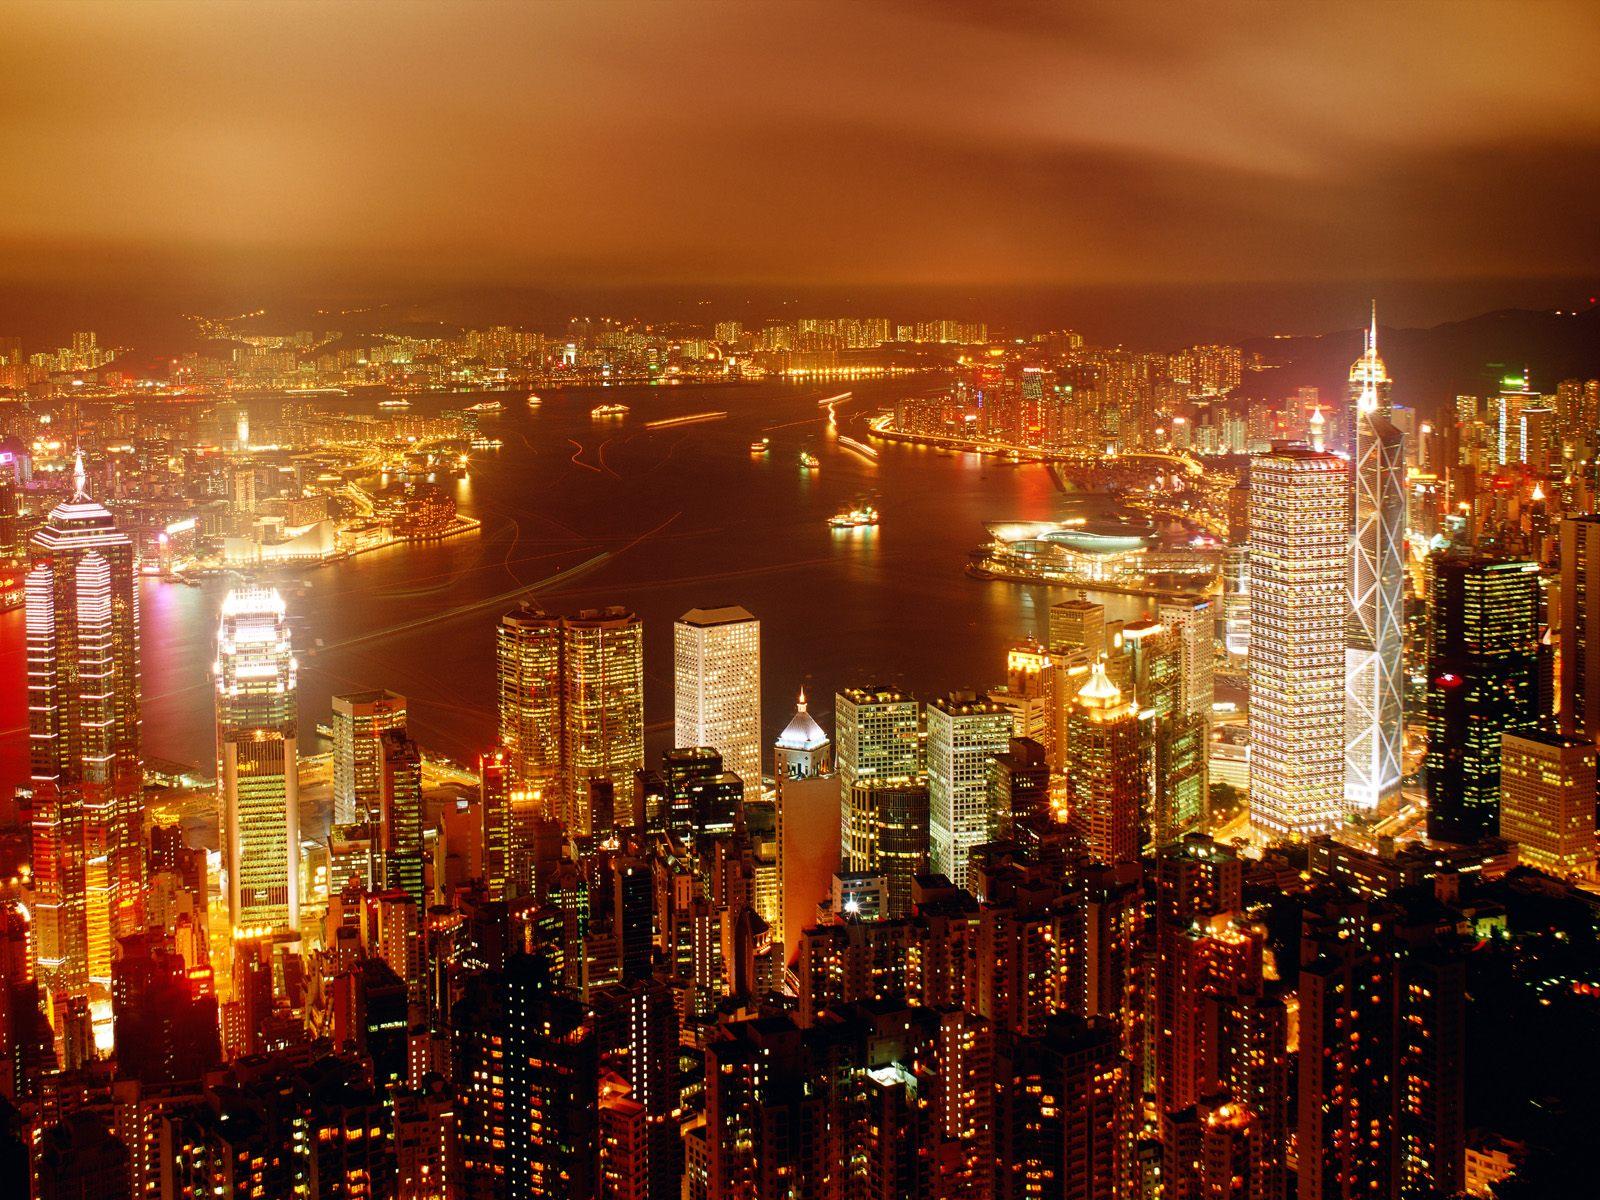 Блоги. Вокруг Света , Китай. альбоме, Фотографии, пешком, «Вокруг, Света, ЯндексФоткахltmore, dodjik007, Китай», Китая, такКак, населениеэто, большое, самое, Китай, Подборка, Агавотвотименно, нёмкак, именно, Кедыушувелосипеды